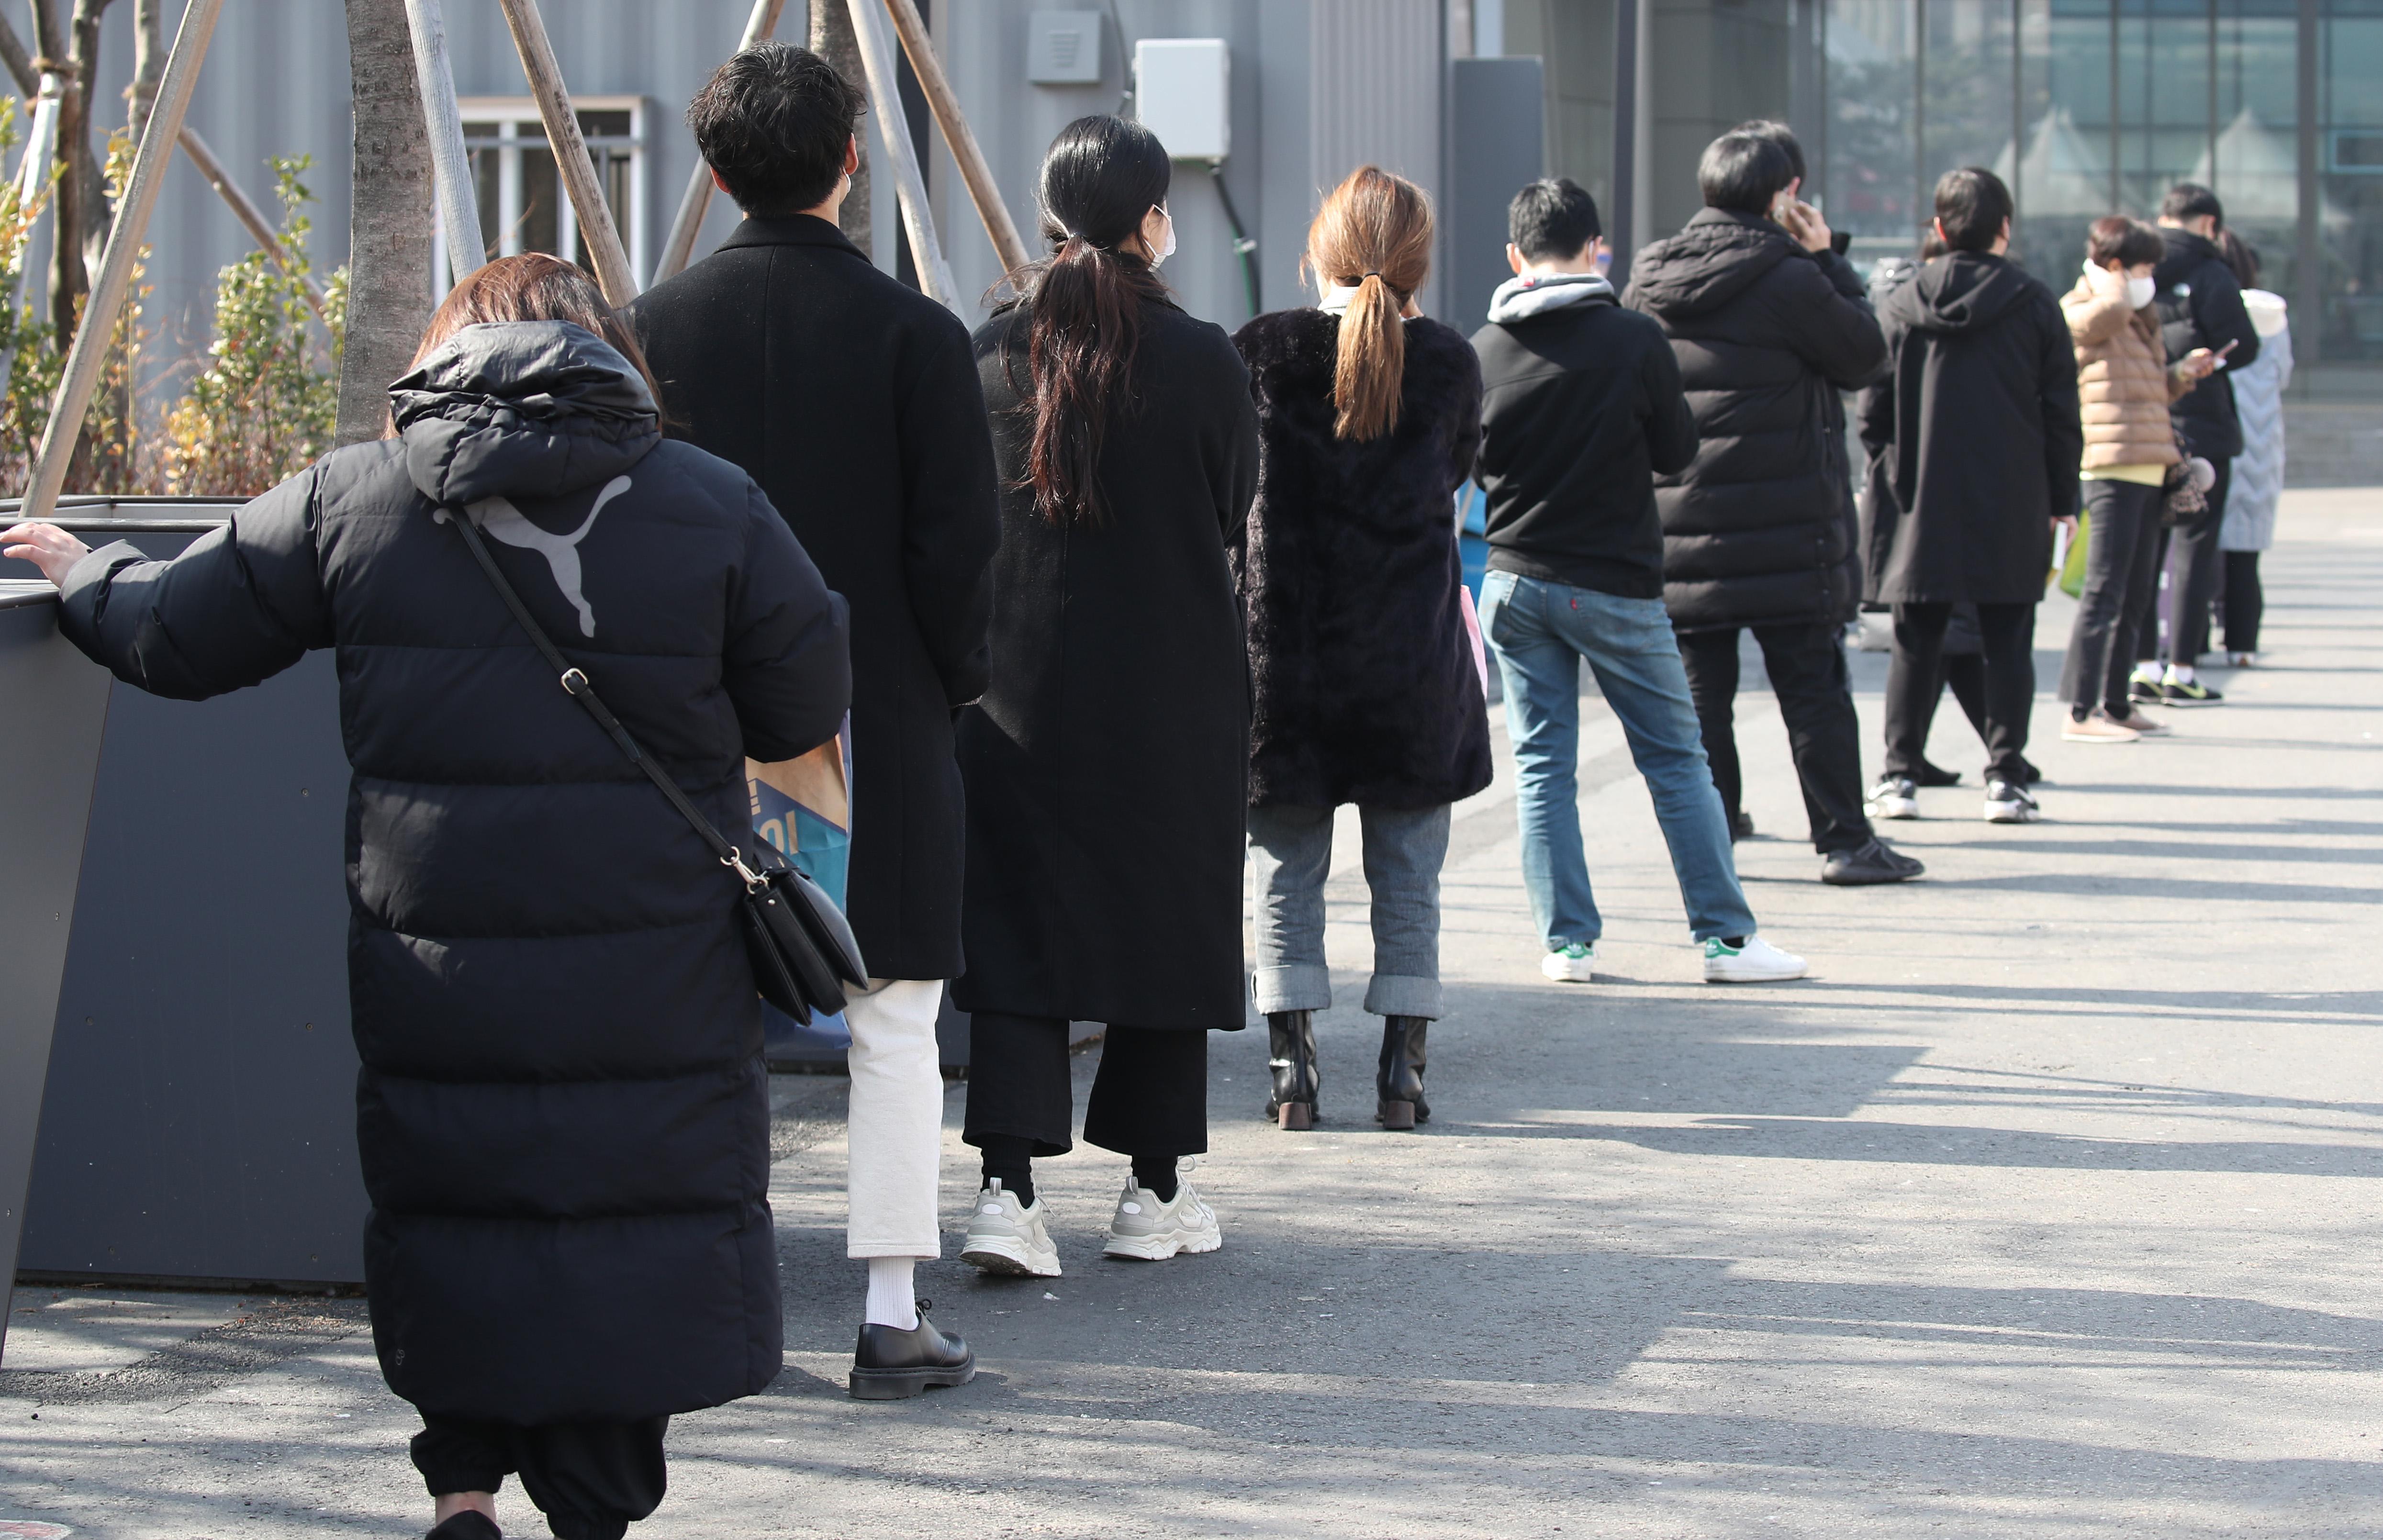 코로나19 검사를 위해 줄 서 있는 시민들